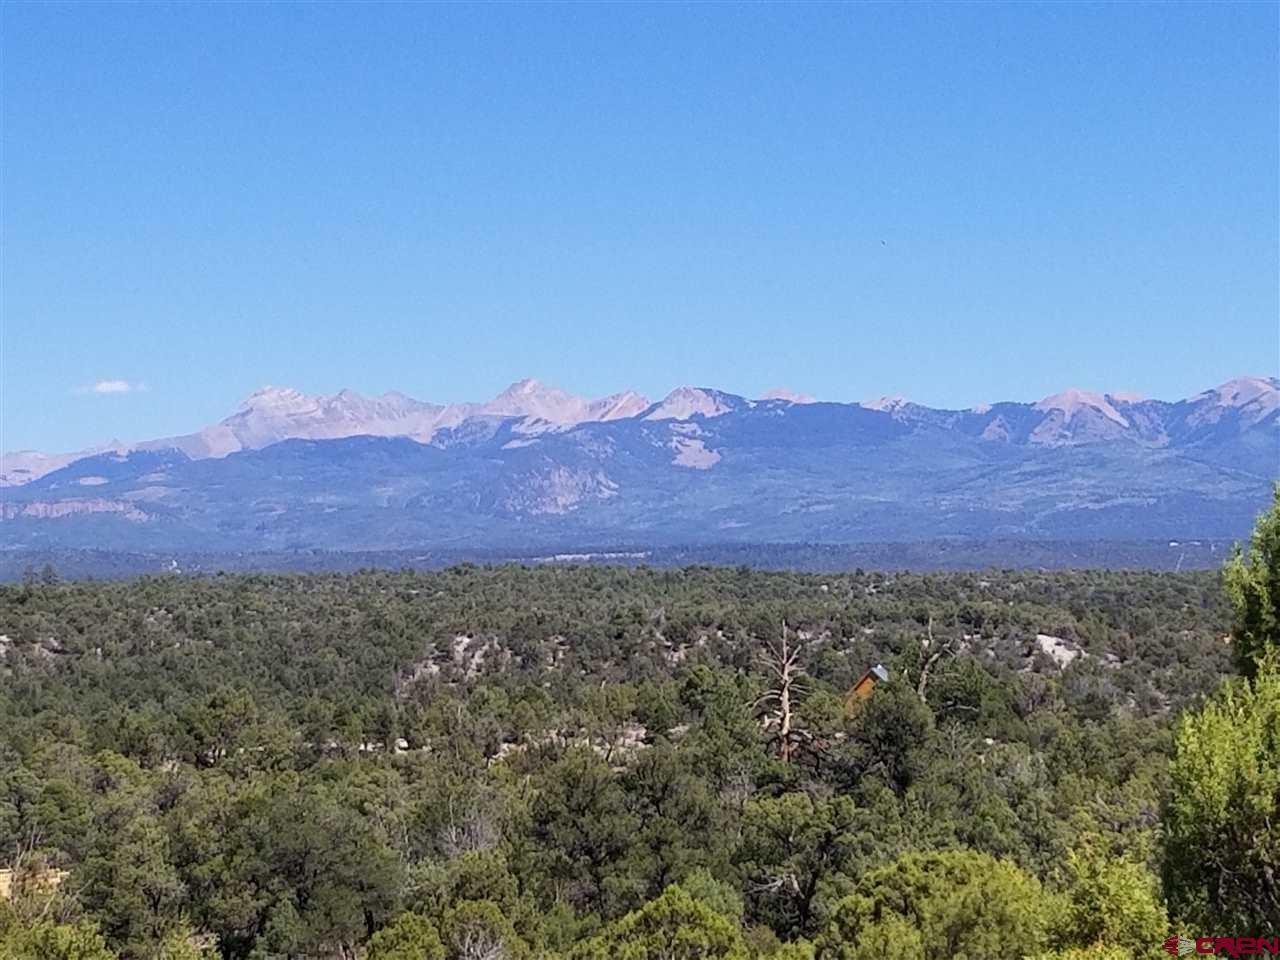 Land For Sale near Mancos Colorado!